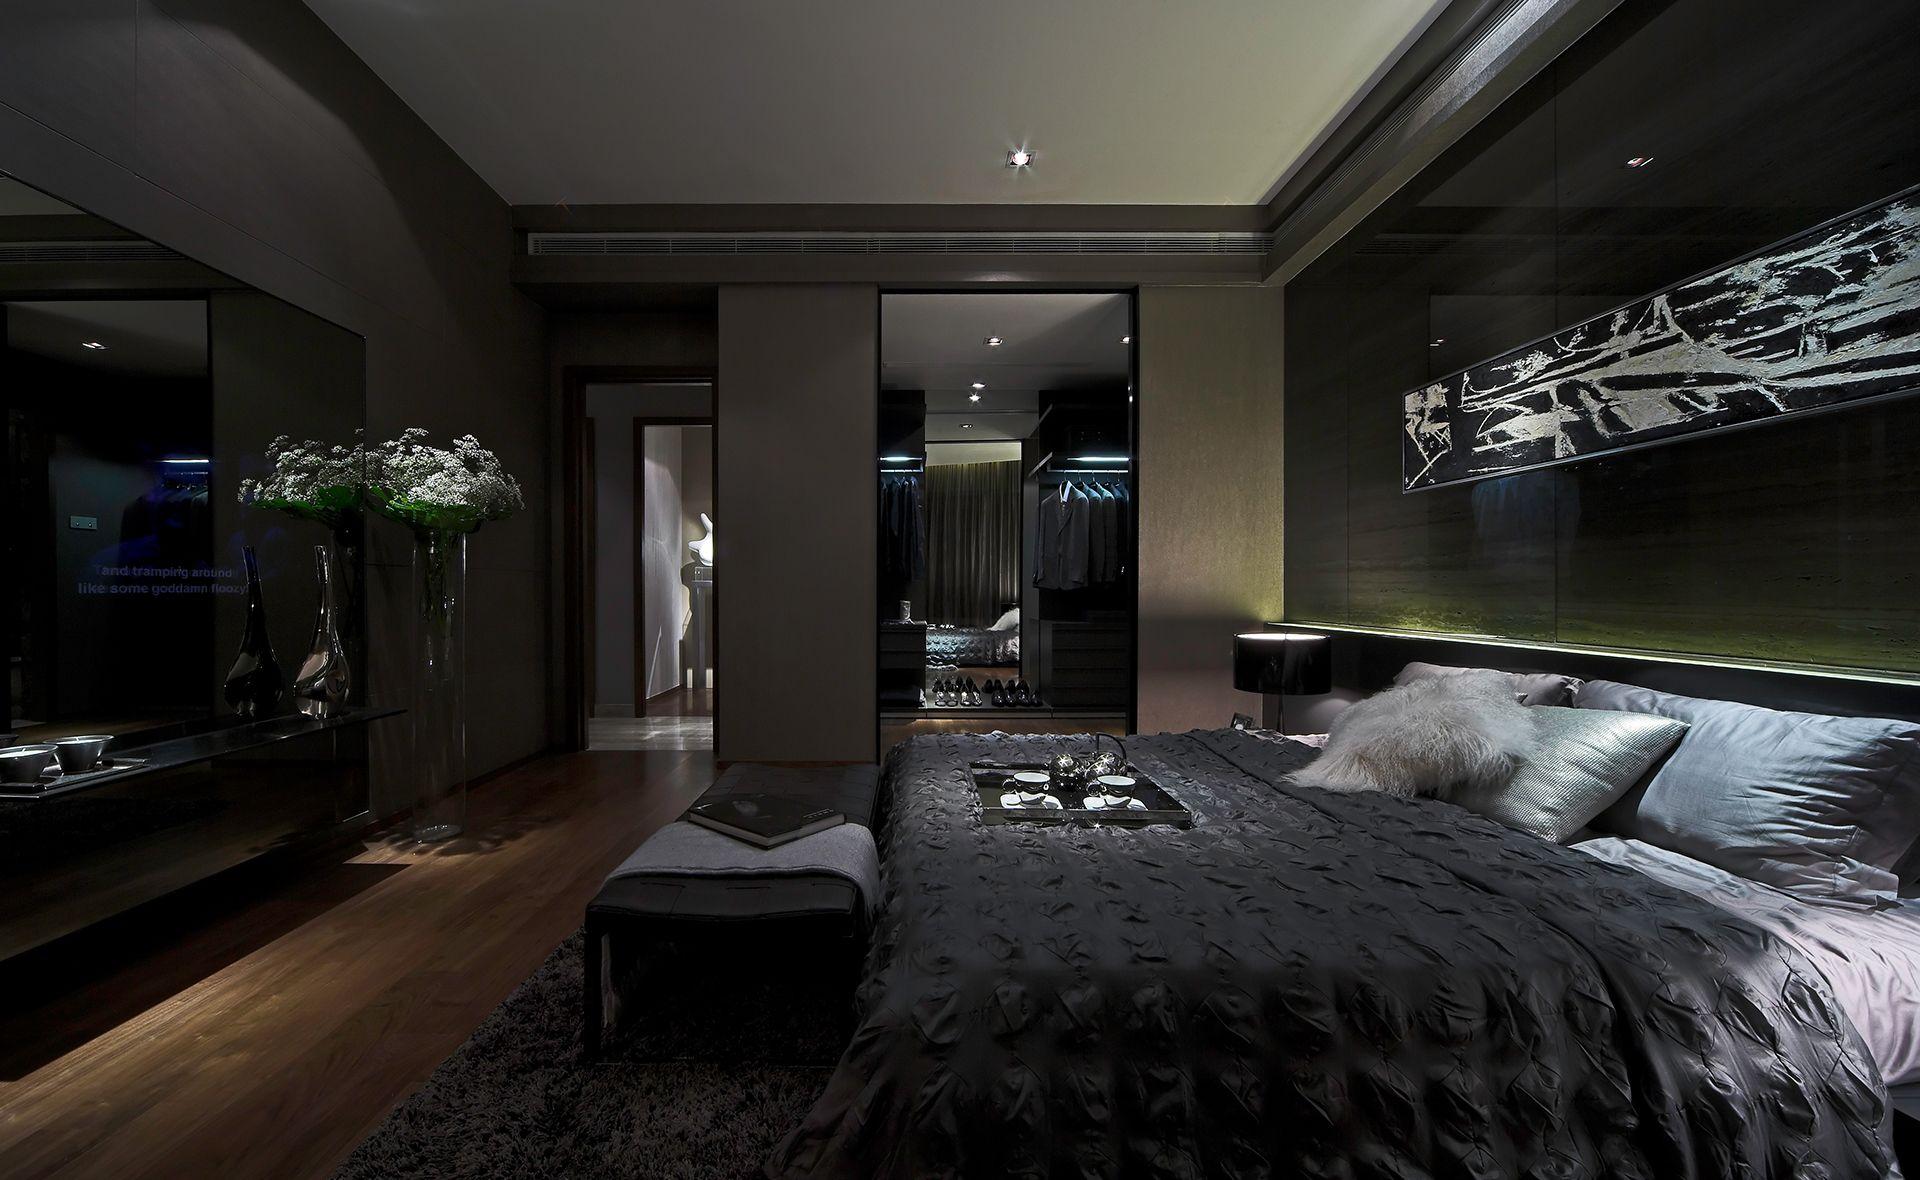 одежды картинки комнат в черном цвете выпуск был